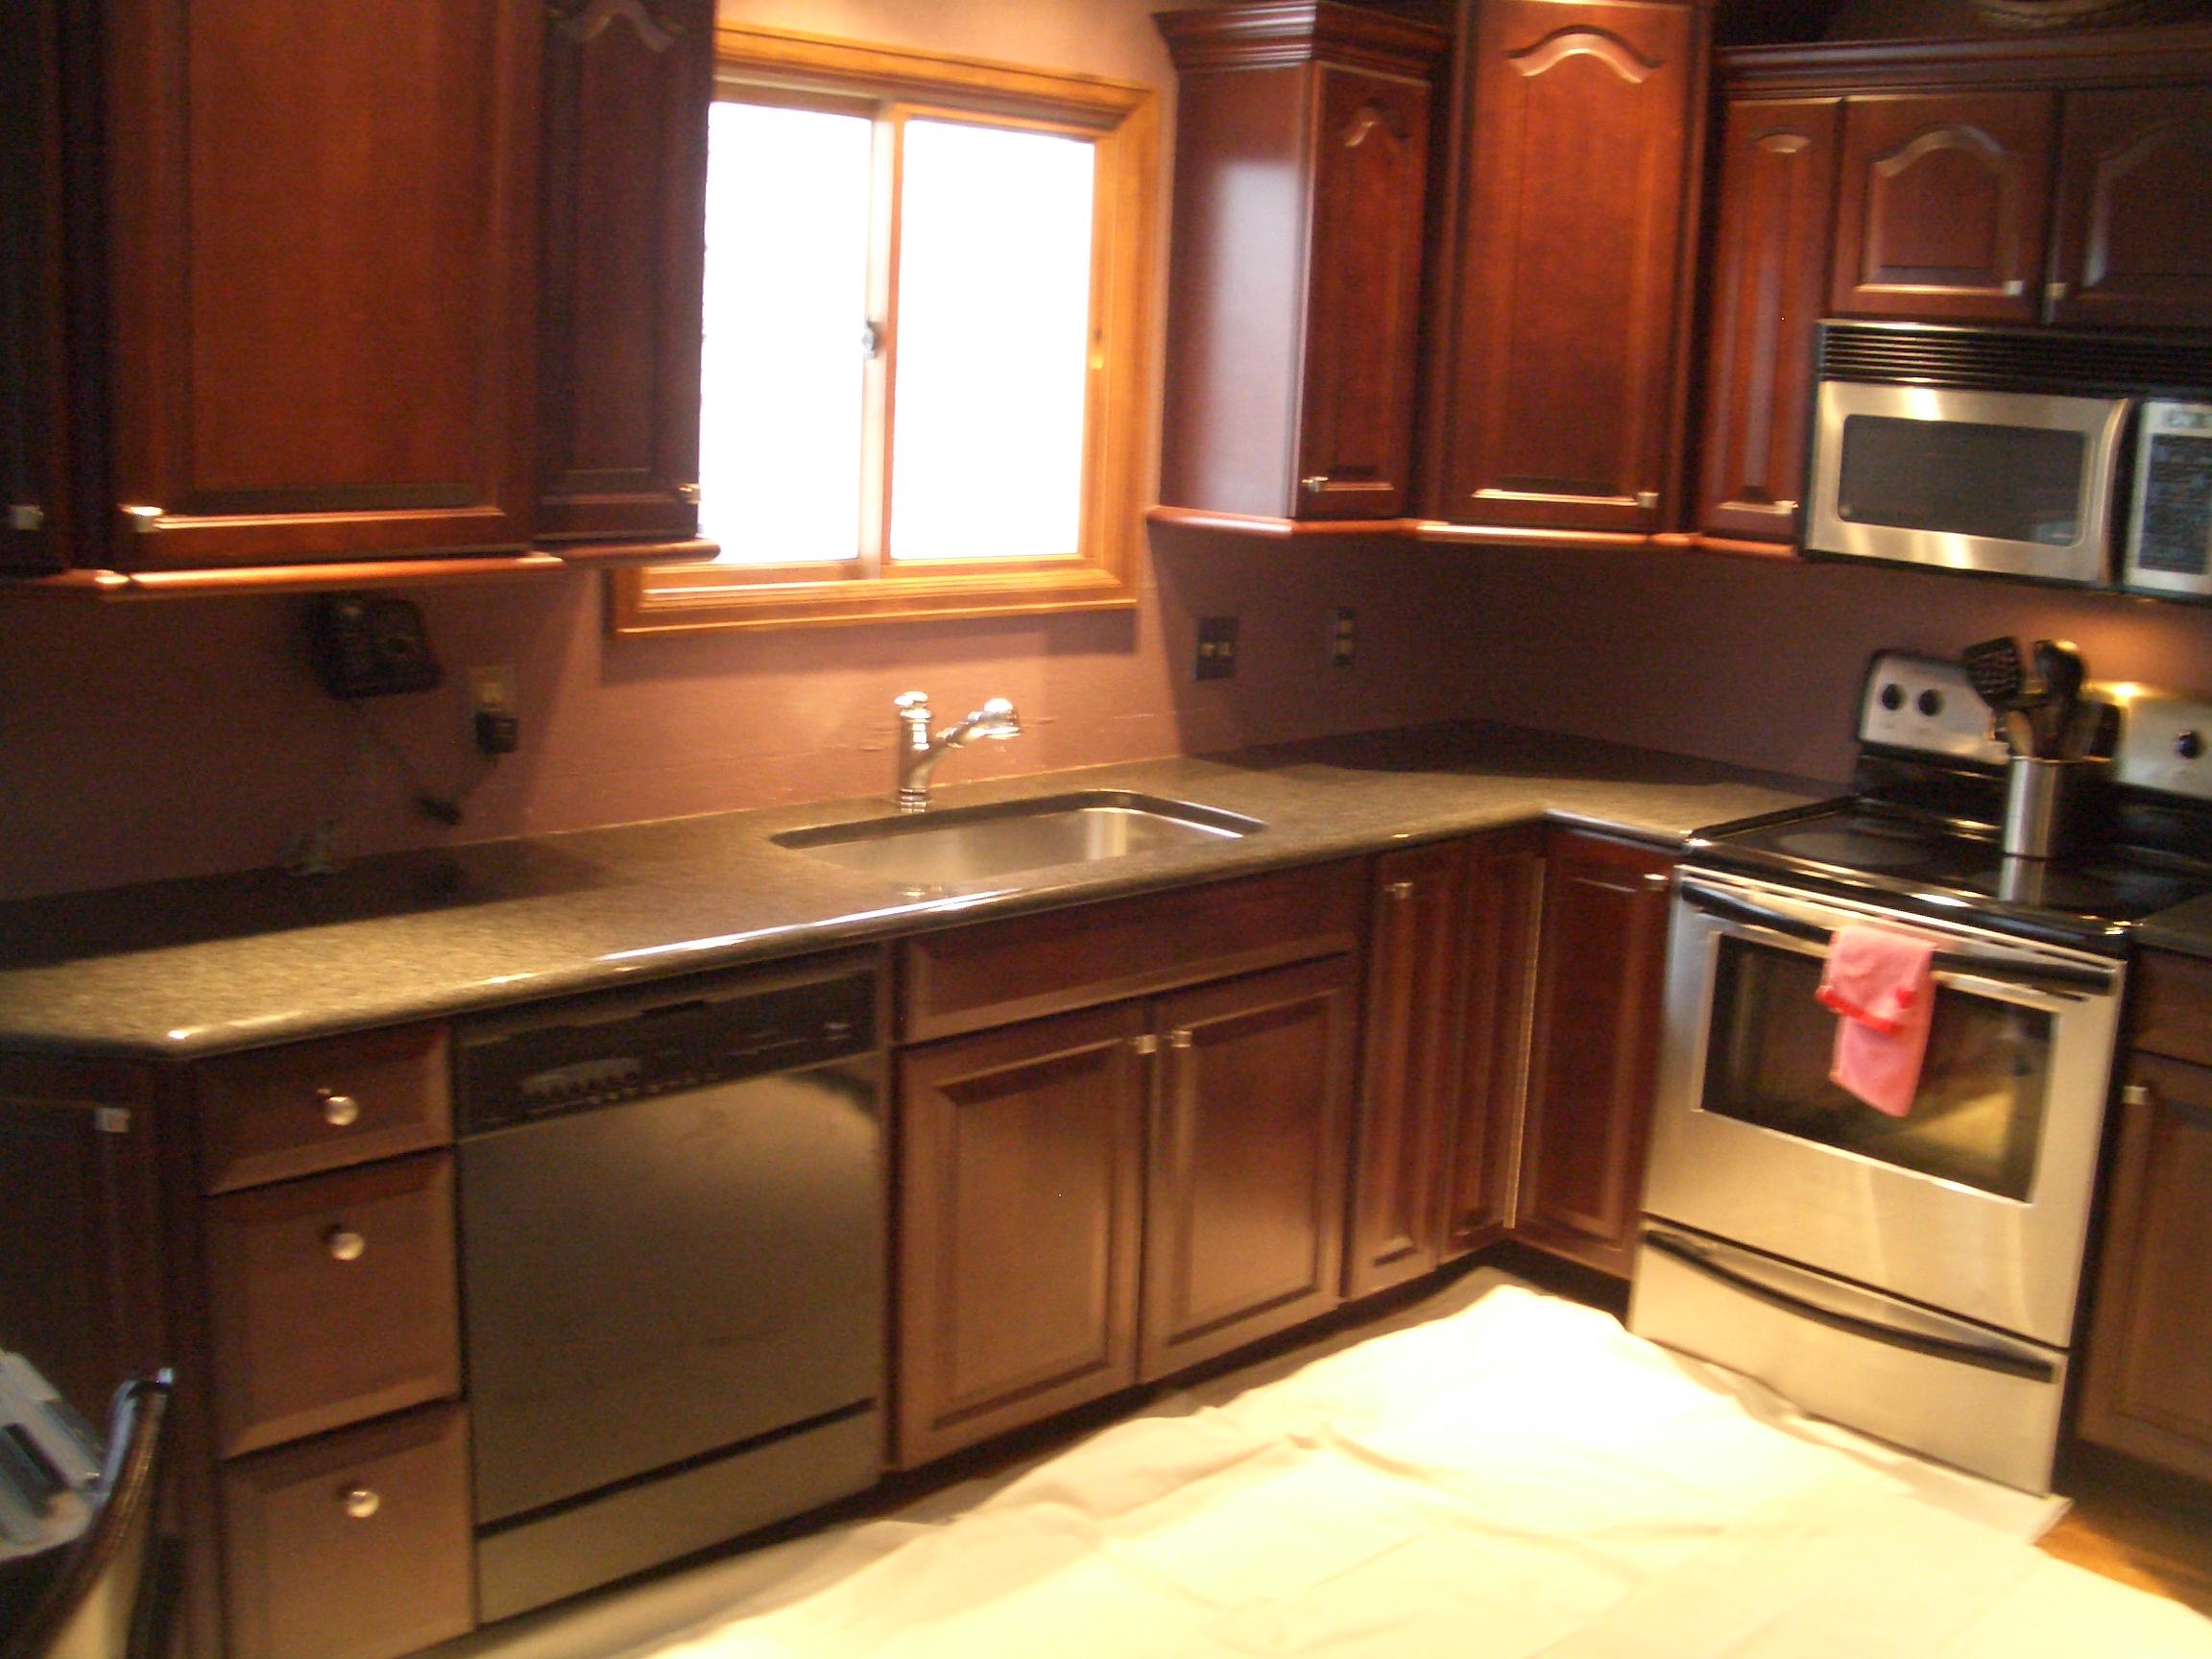 glass tile kitchen backsplash in fort collins kitchen backsplash tiles Glass tile backsplash before